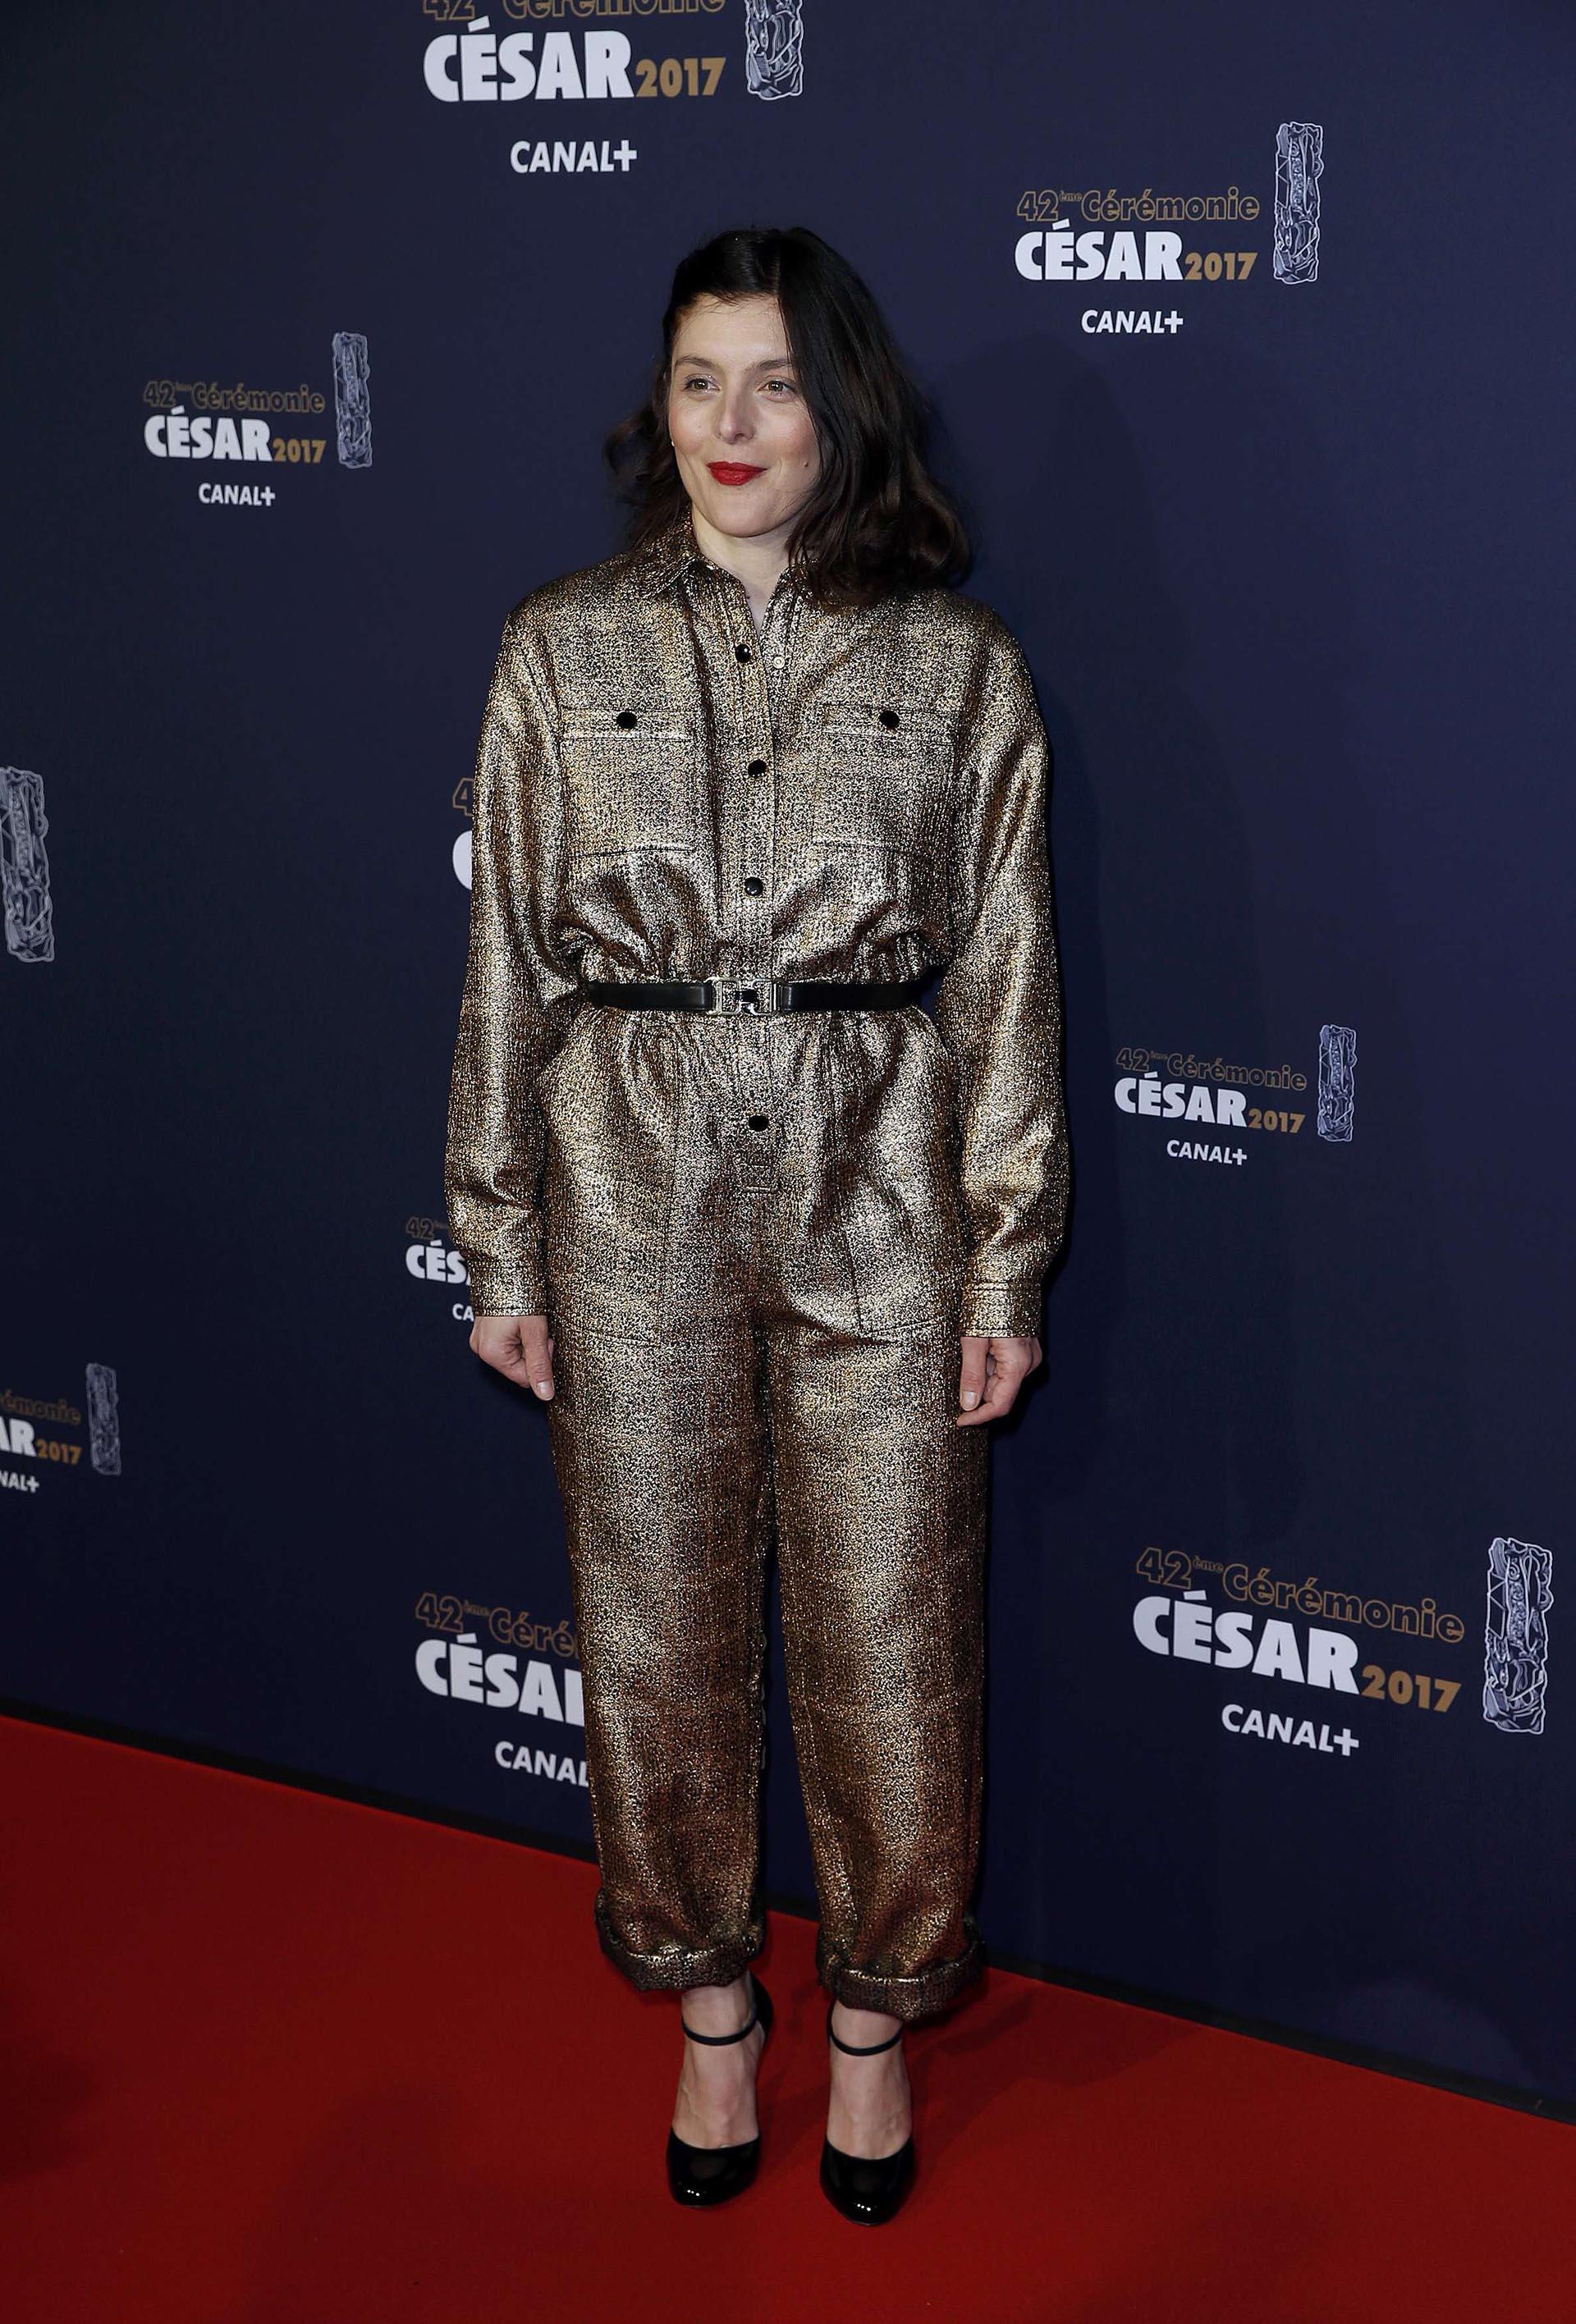 Valerie Donzelli también eligió un diseño en tela metalizada